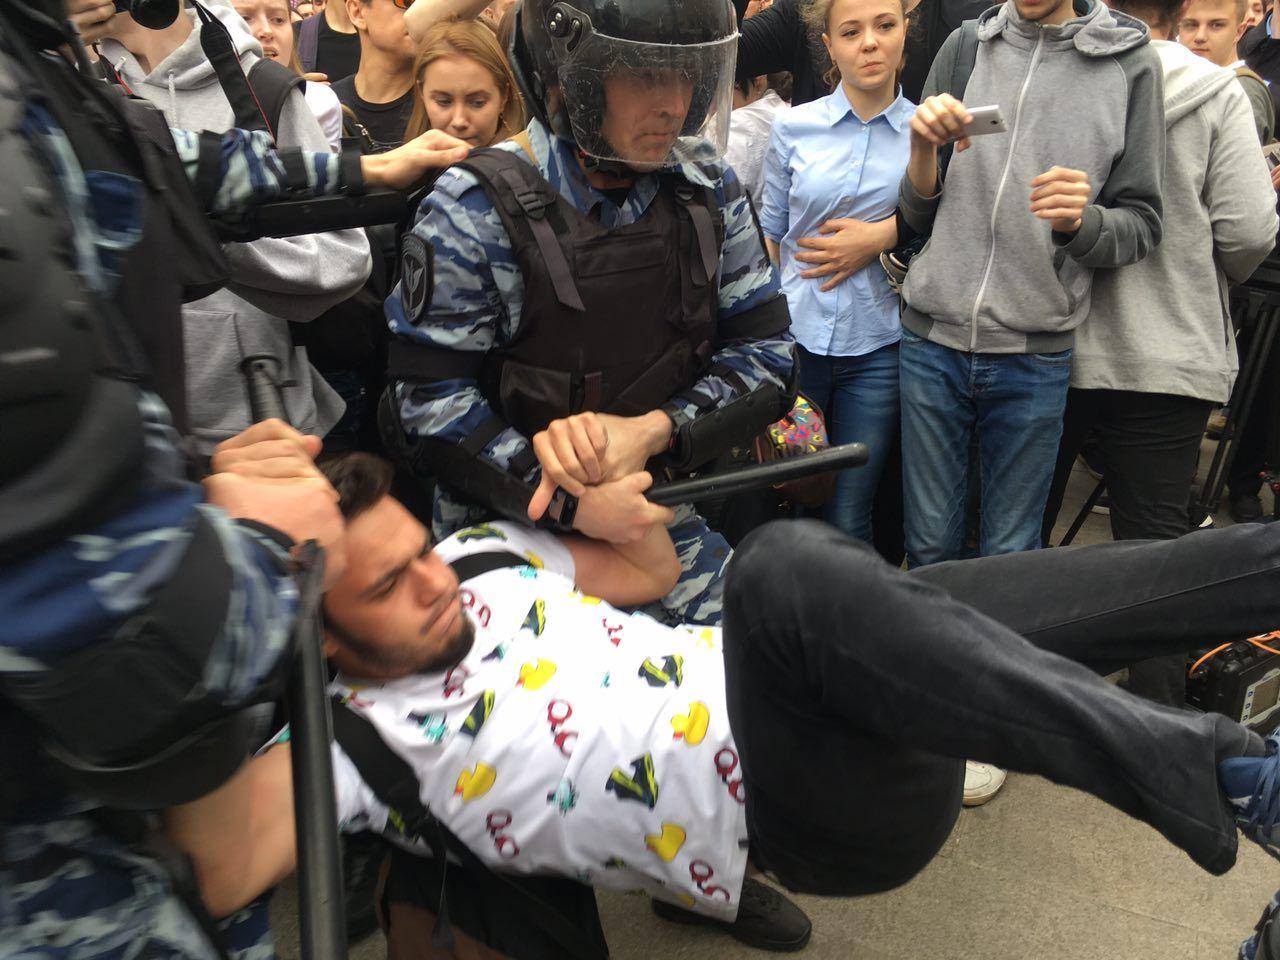 У МВС Росії вважають, що батьки повинні нести відповідальність за участь підлітків у мітингах